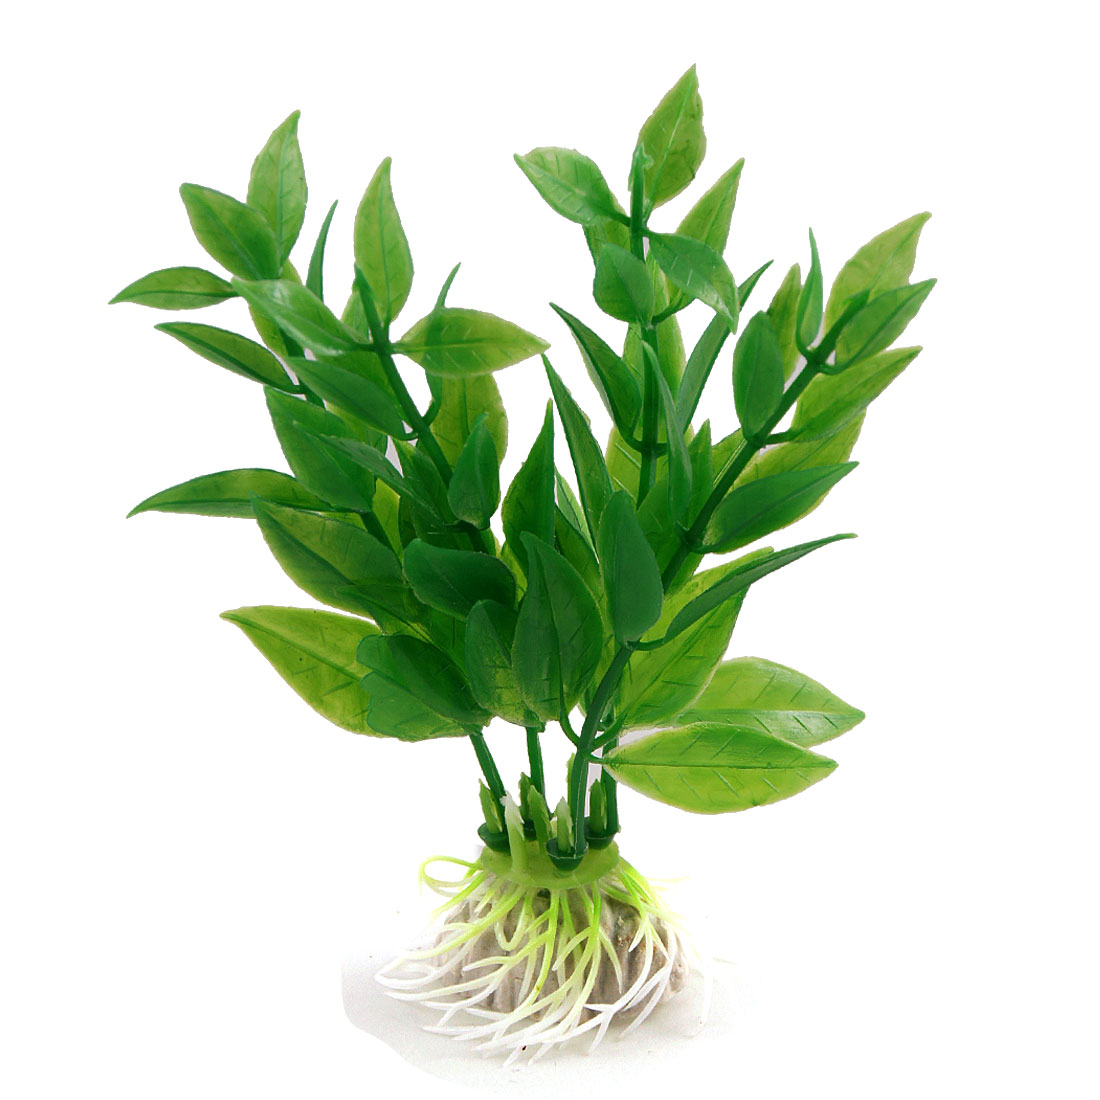 """10 Pcs Green Plastic Aquascaping Plant Decor 4.5"""" High for Aquarium"""